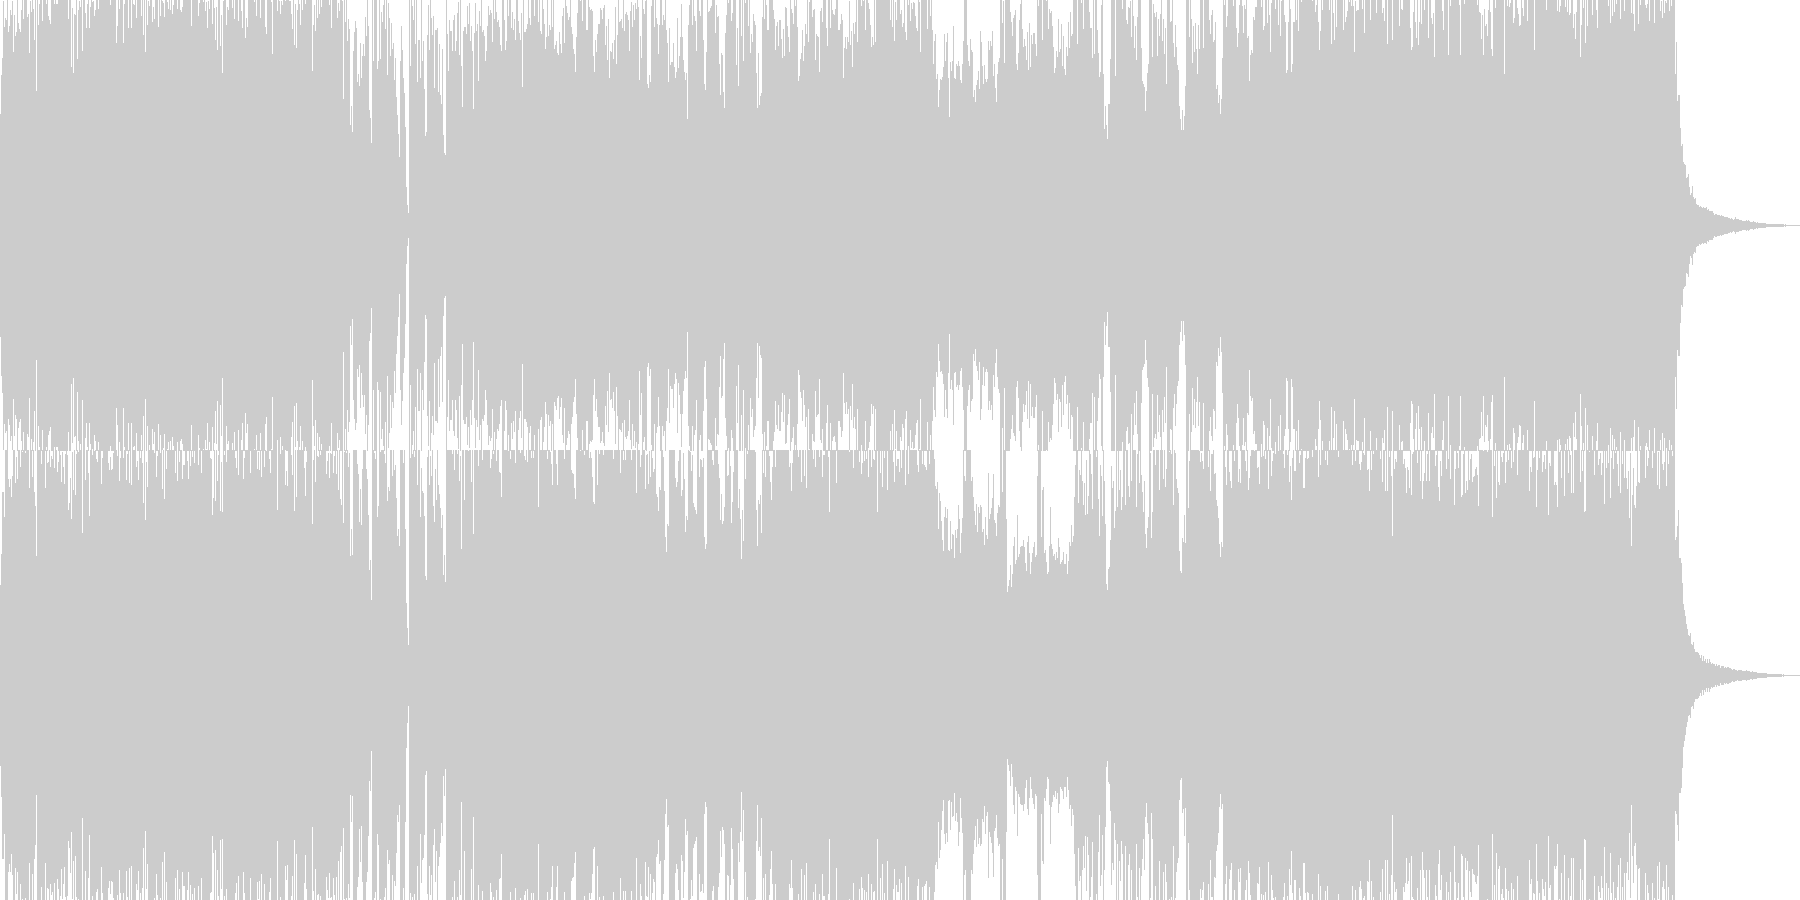 勢いのある登場曲☆和EDMオーケストラの未再生の波形